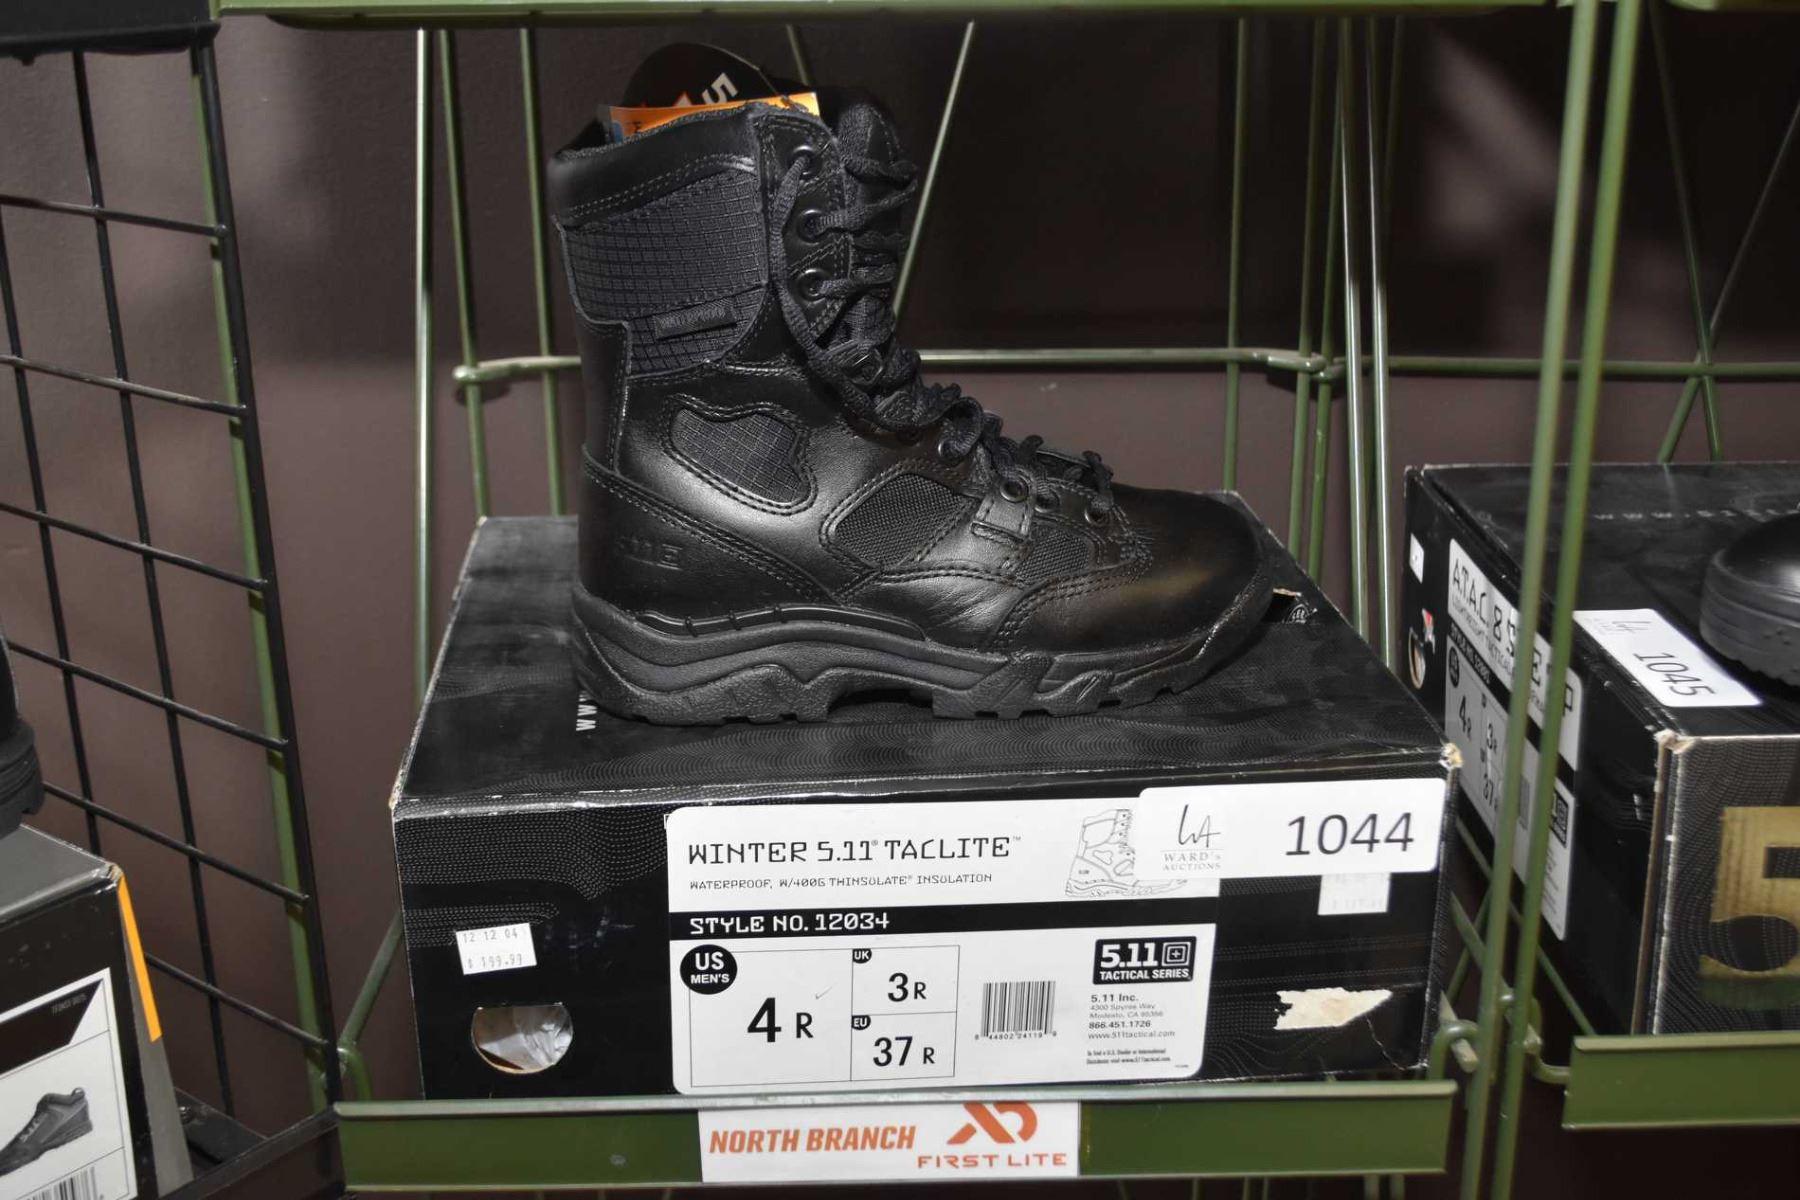 fdfaa01544e Brand new 5.11 Winter Taclite boots size 4 R